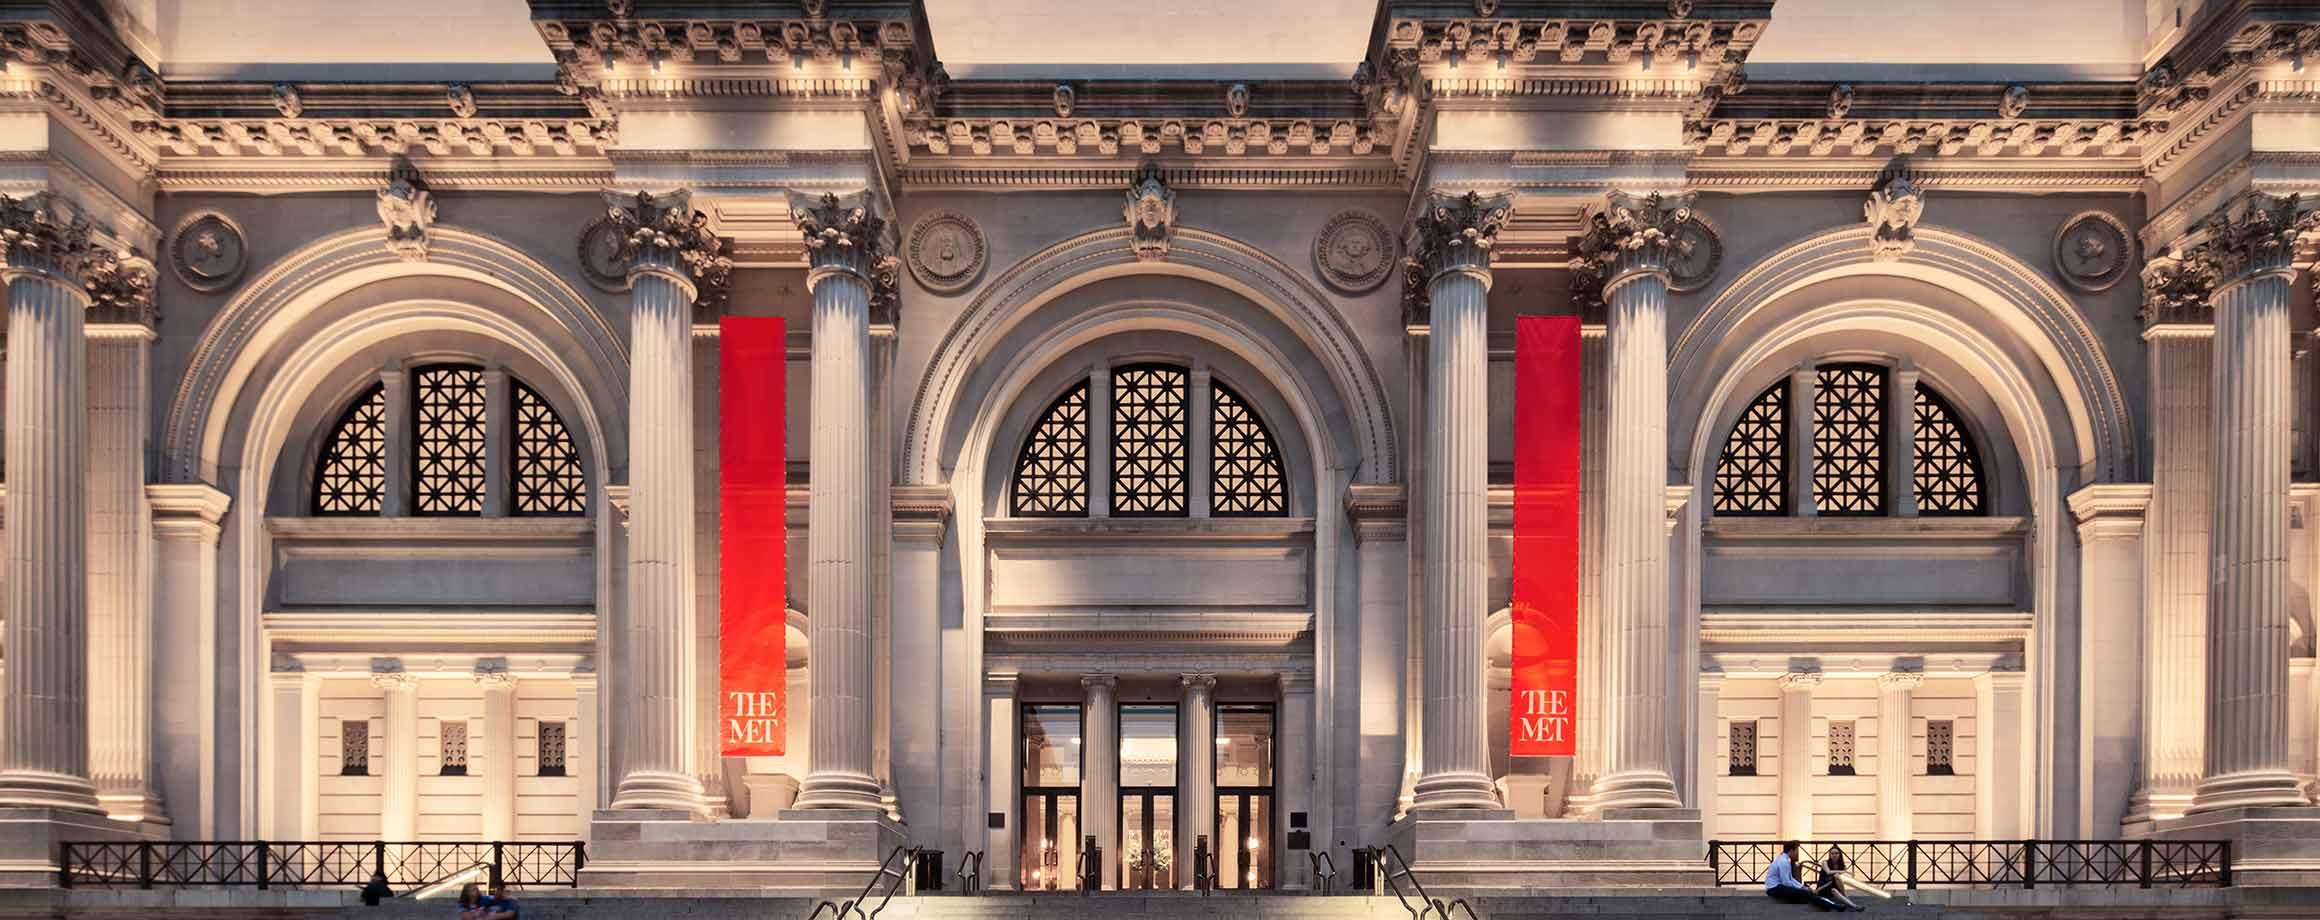 Museos-The-Met